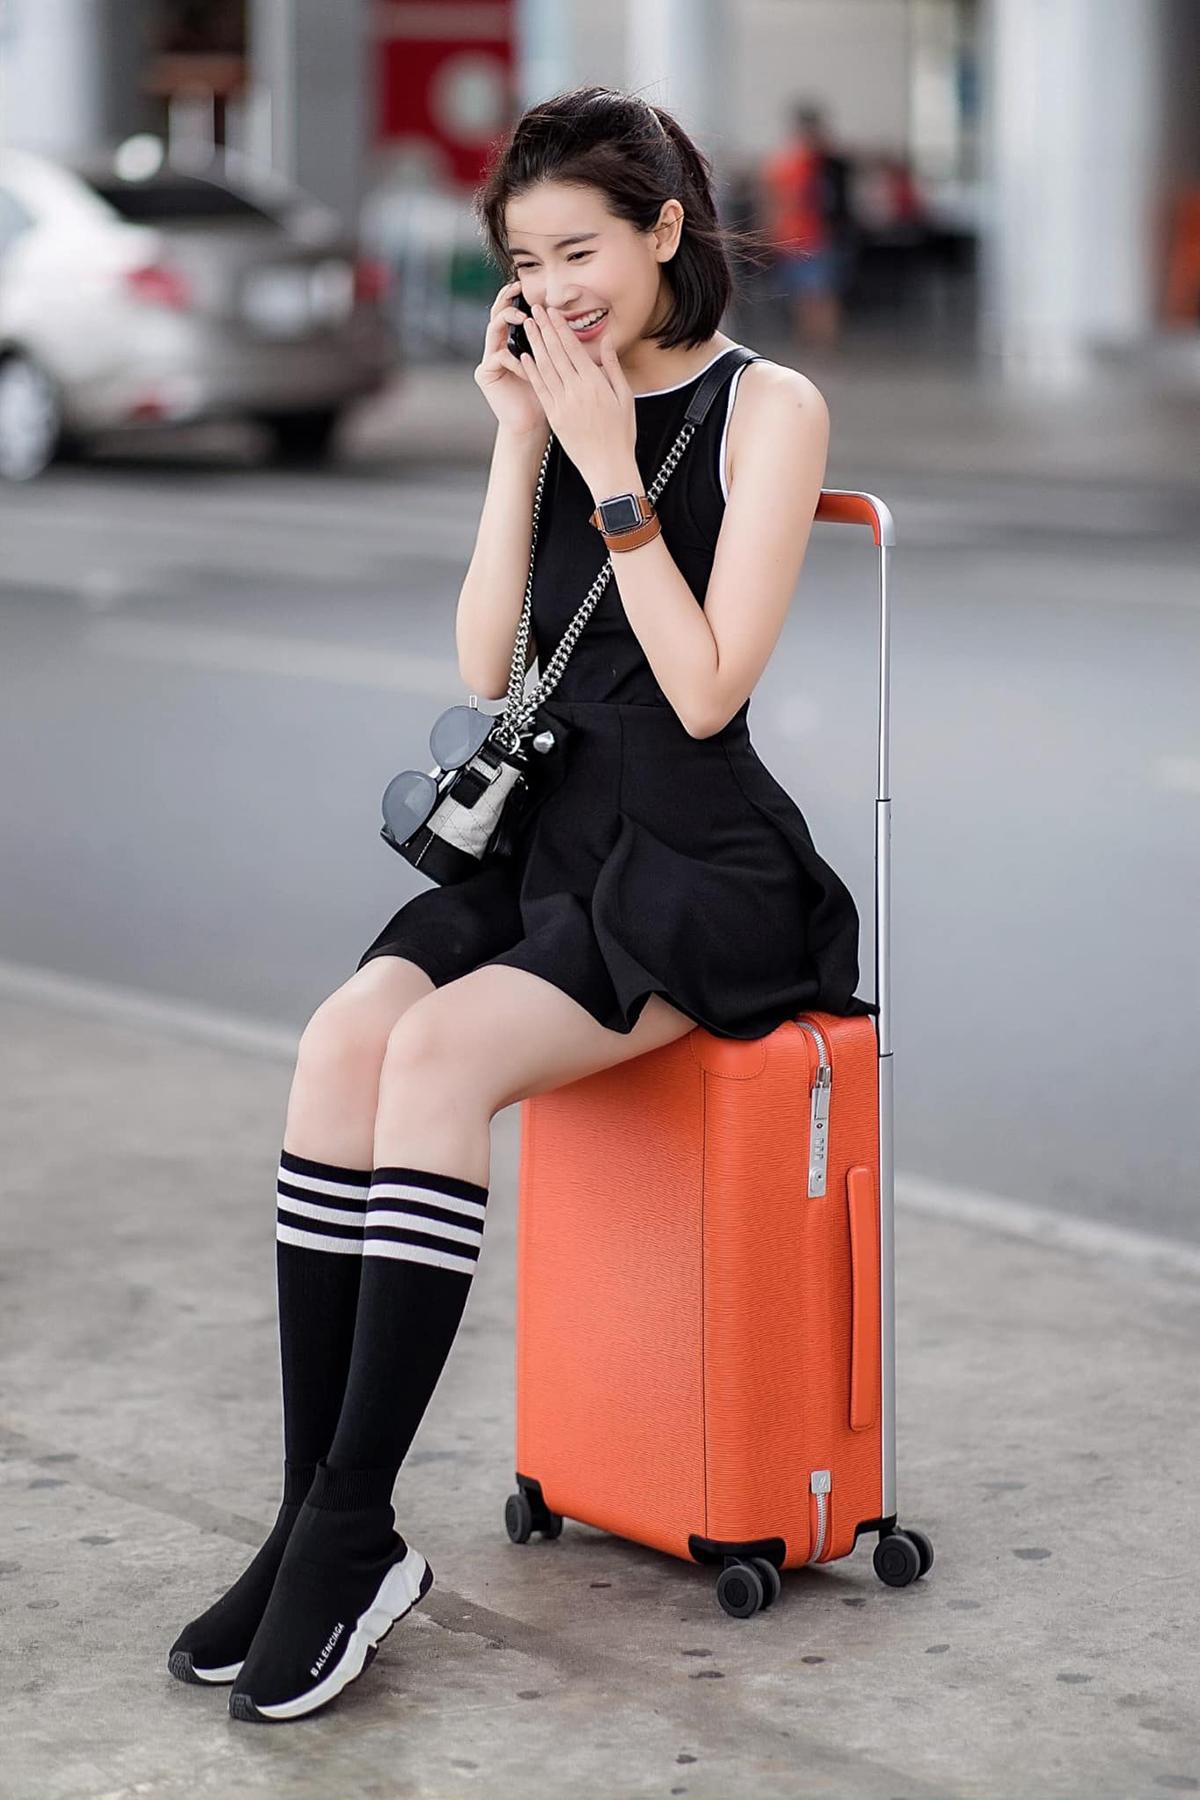 Ở sân bay, Cao Thái Hà lên đồ đẹp mắt. Cách mix đồ thoải mái nhưng vẫn khoe vóc dáng giúp cô trẻ trung hơn nhiều so với tuổi.